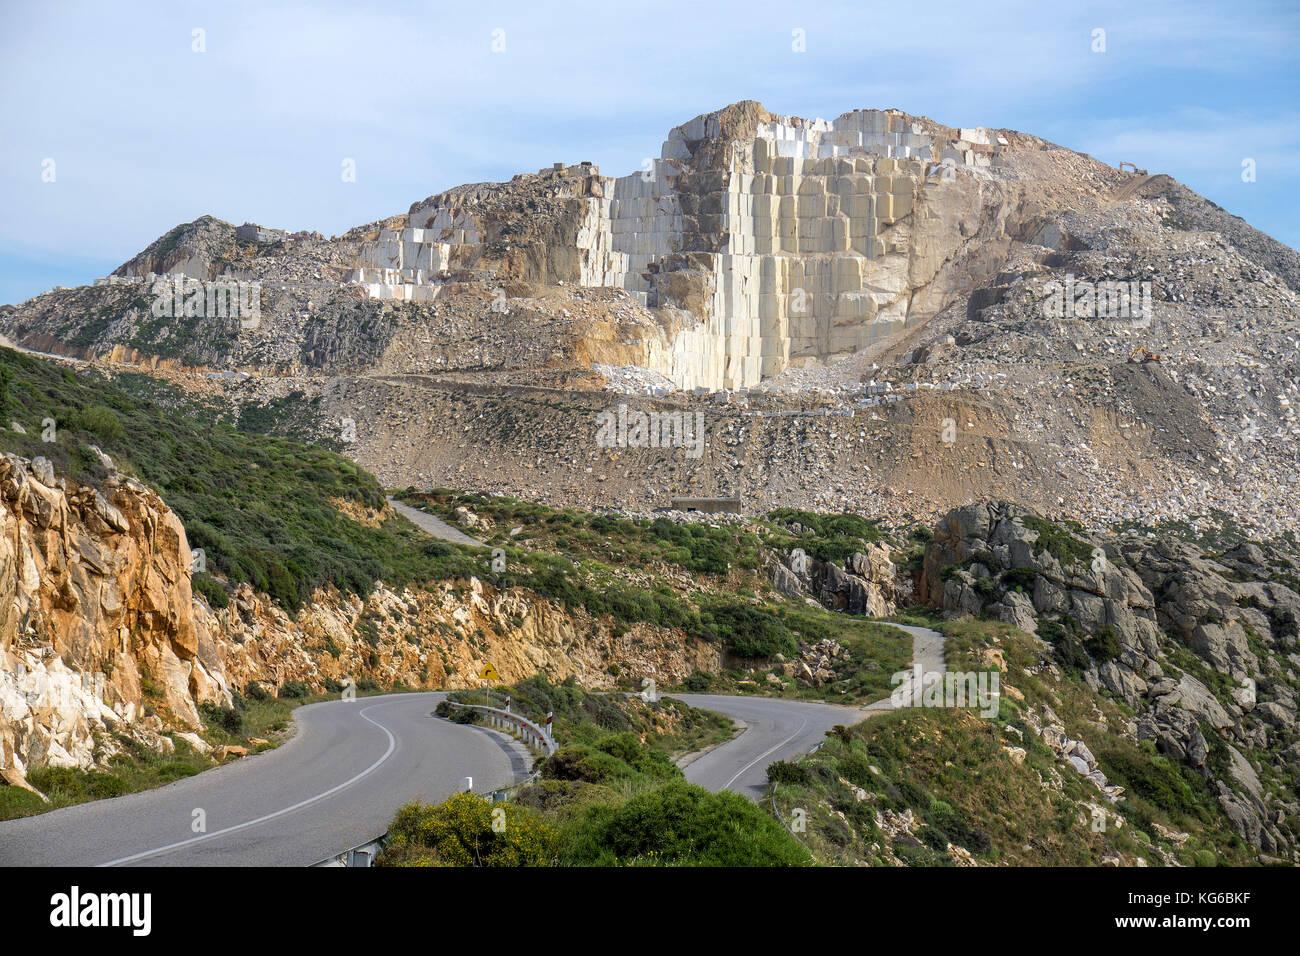 Stufenfoermiger Abbau von Marmor im Marmorsteinbruch bei Kinidaros, Naxos, Kykladen, Aegaeis, Griechenland, Mittelmeer, - Stock Image